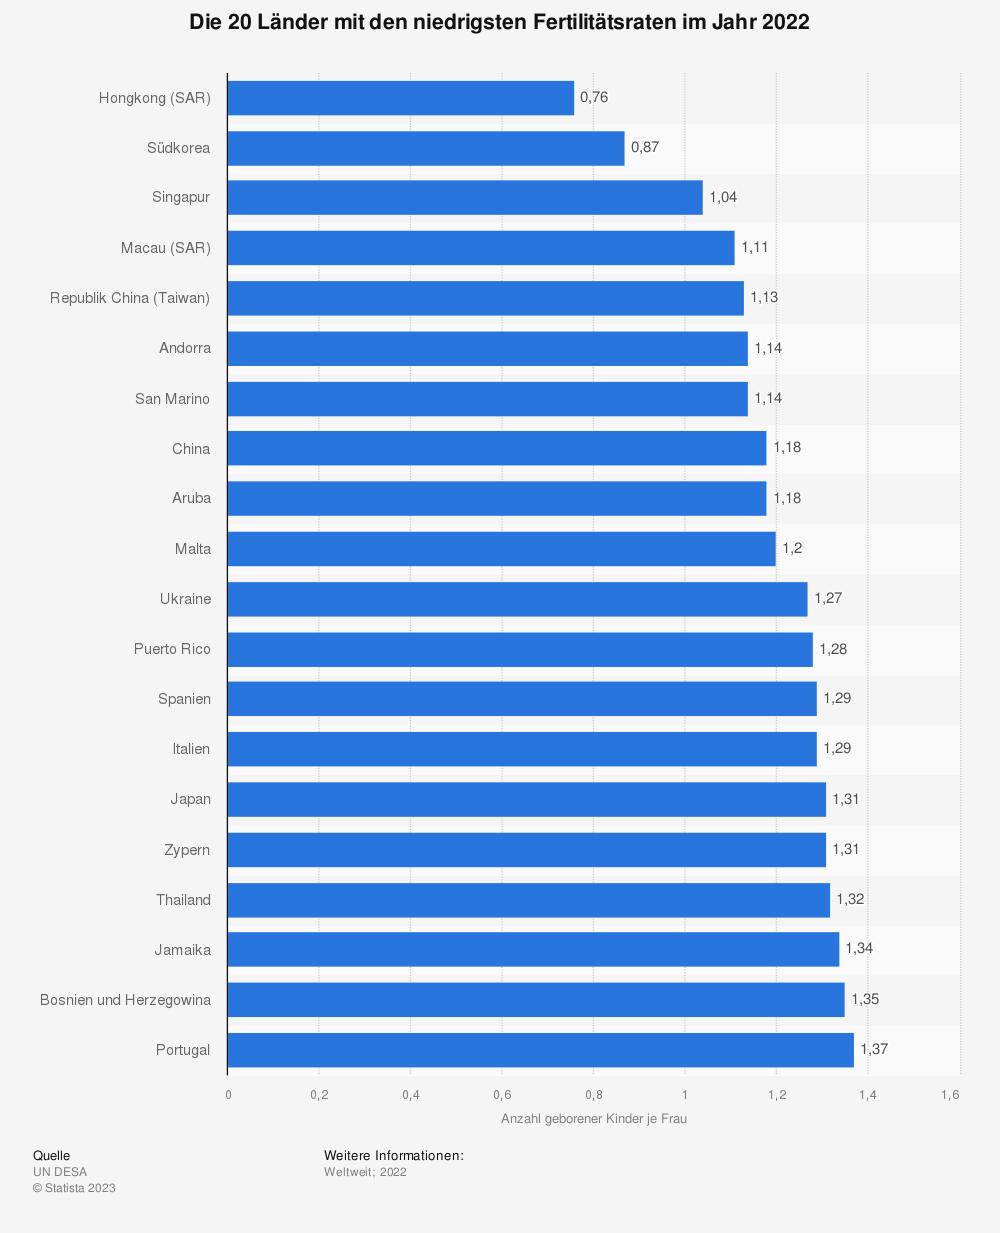 Länder mit den niedrigsten Fertilitätsraten 2012